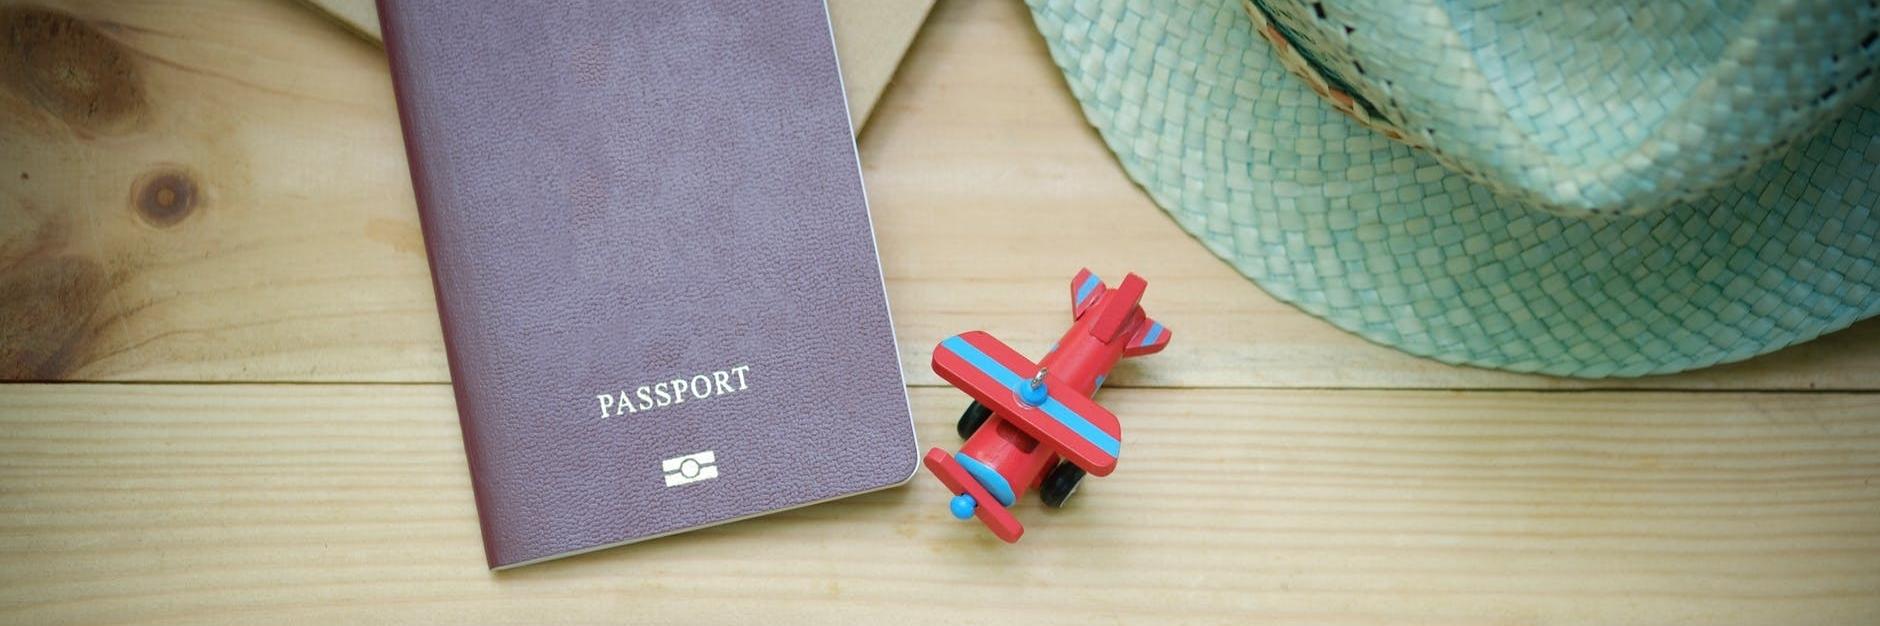 https://gody.vn/blog/bintruong22228605/post/phai-lam-gi-khi-bat-chot-bi-mat-passport-ho-chieu-o-nuoc-ngoai-4594